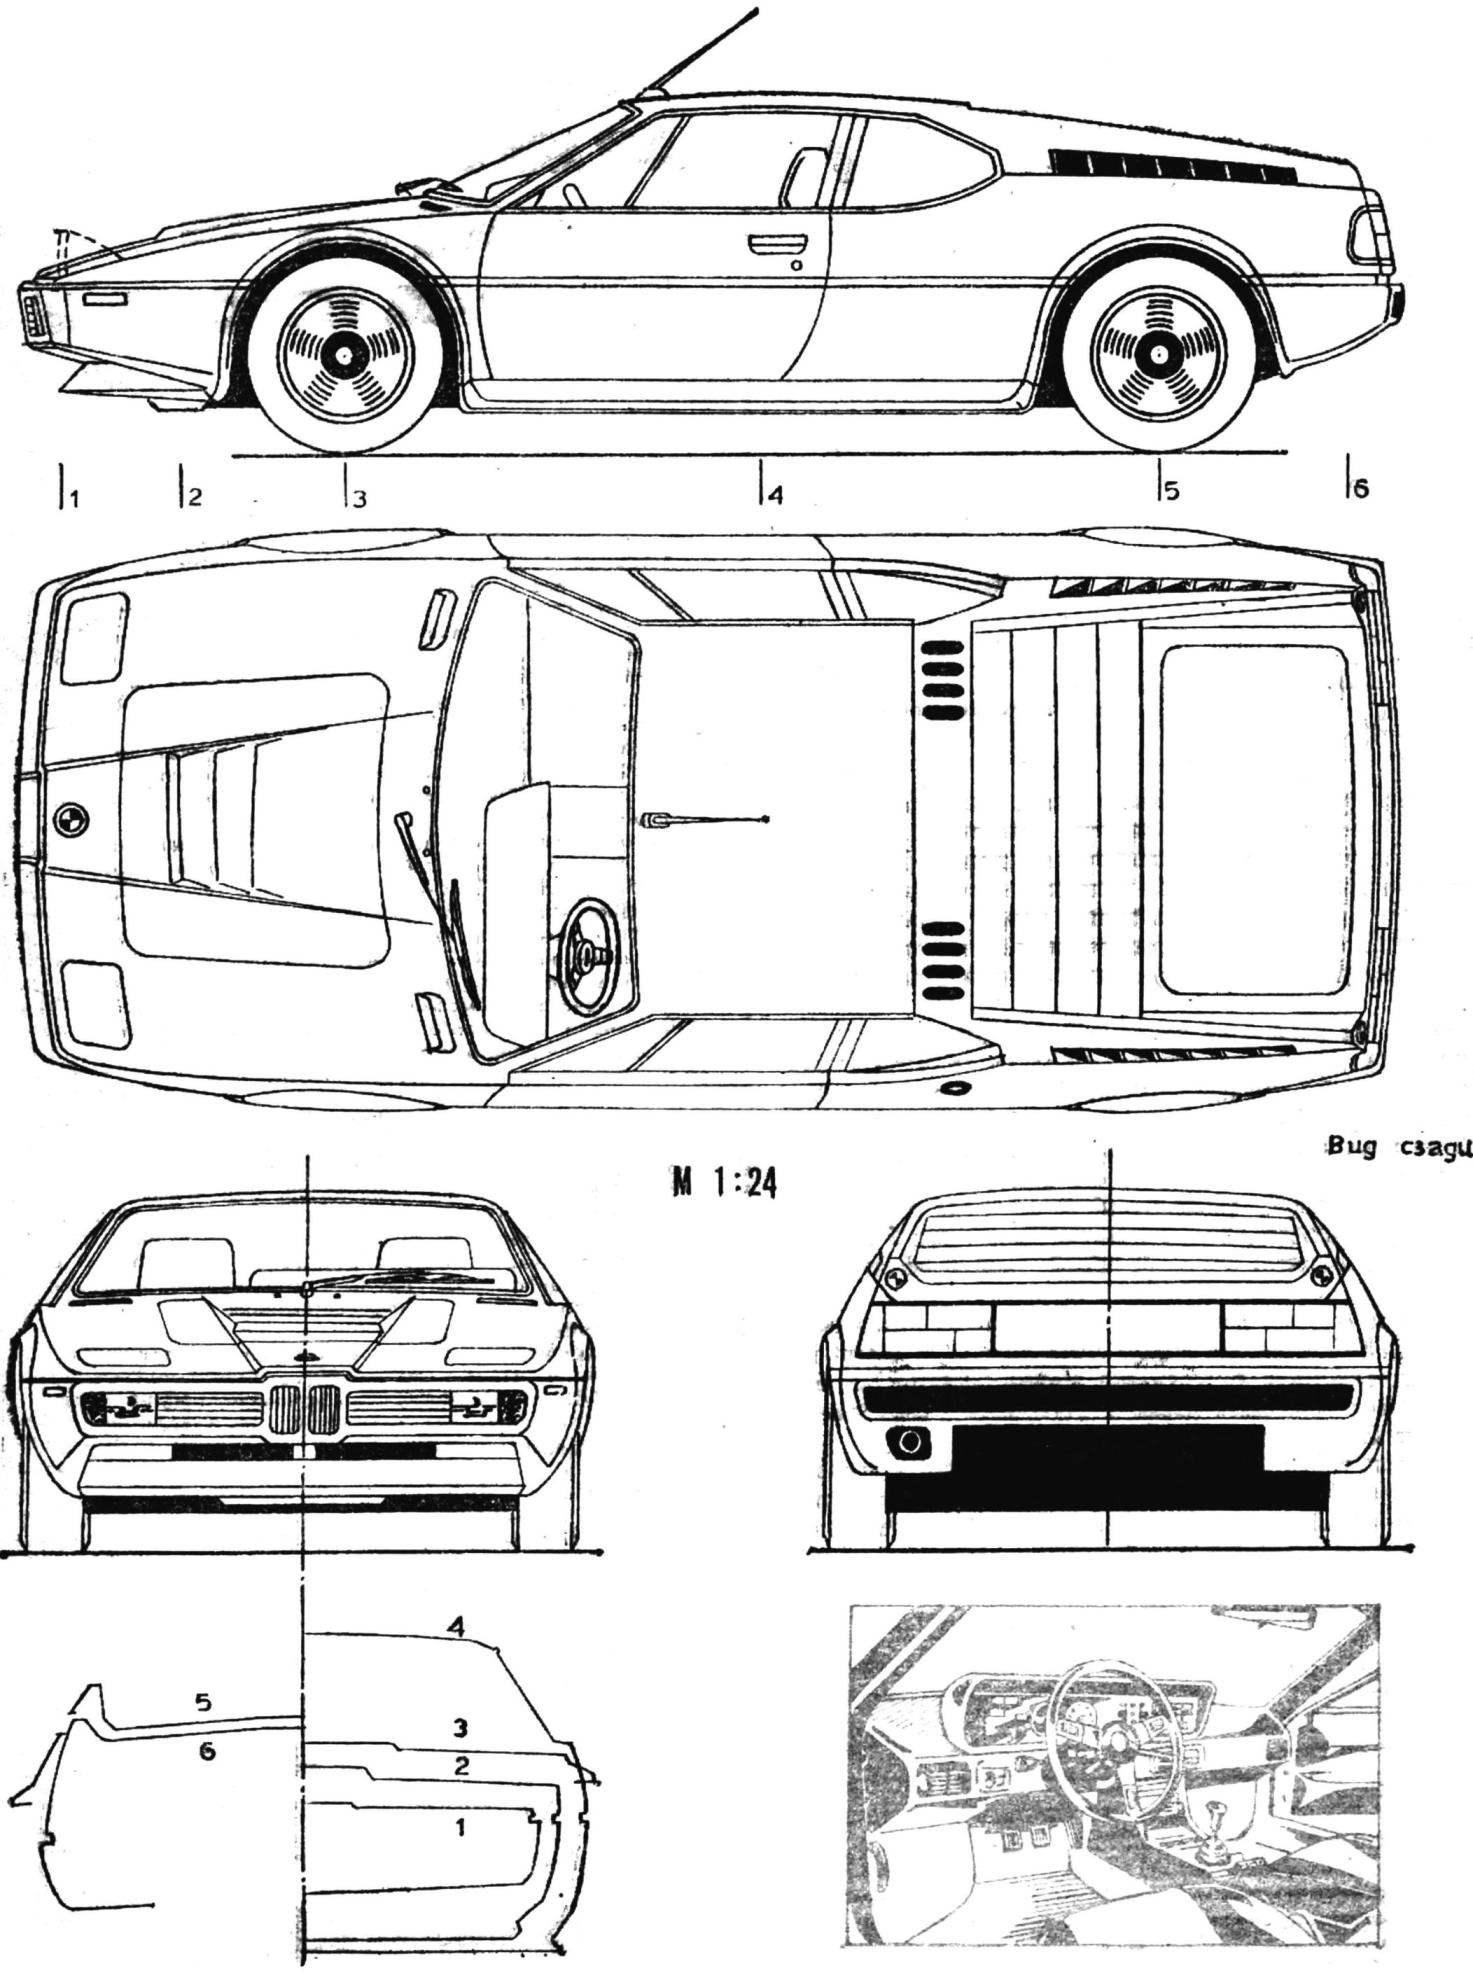 Спортивный автомобиль БМВ-М1 - прототип трассовой модели.